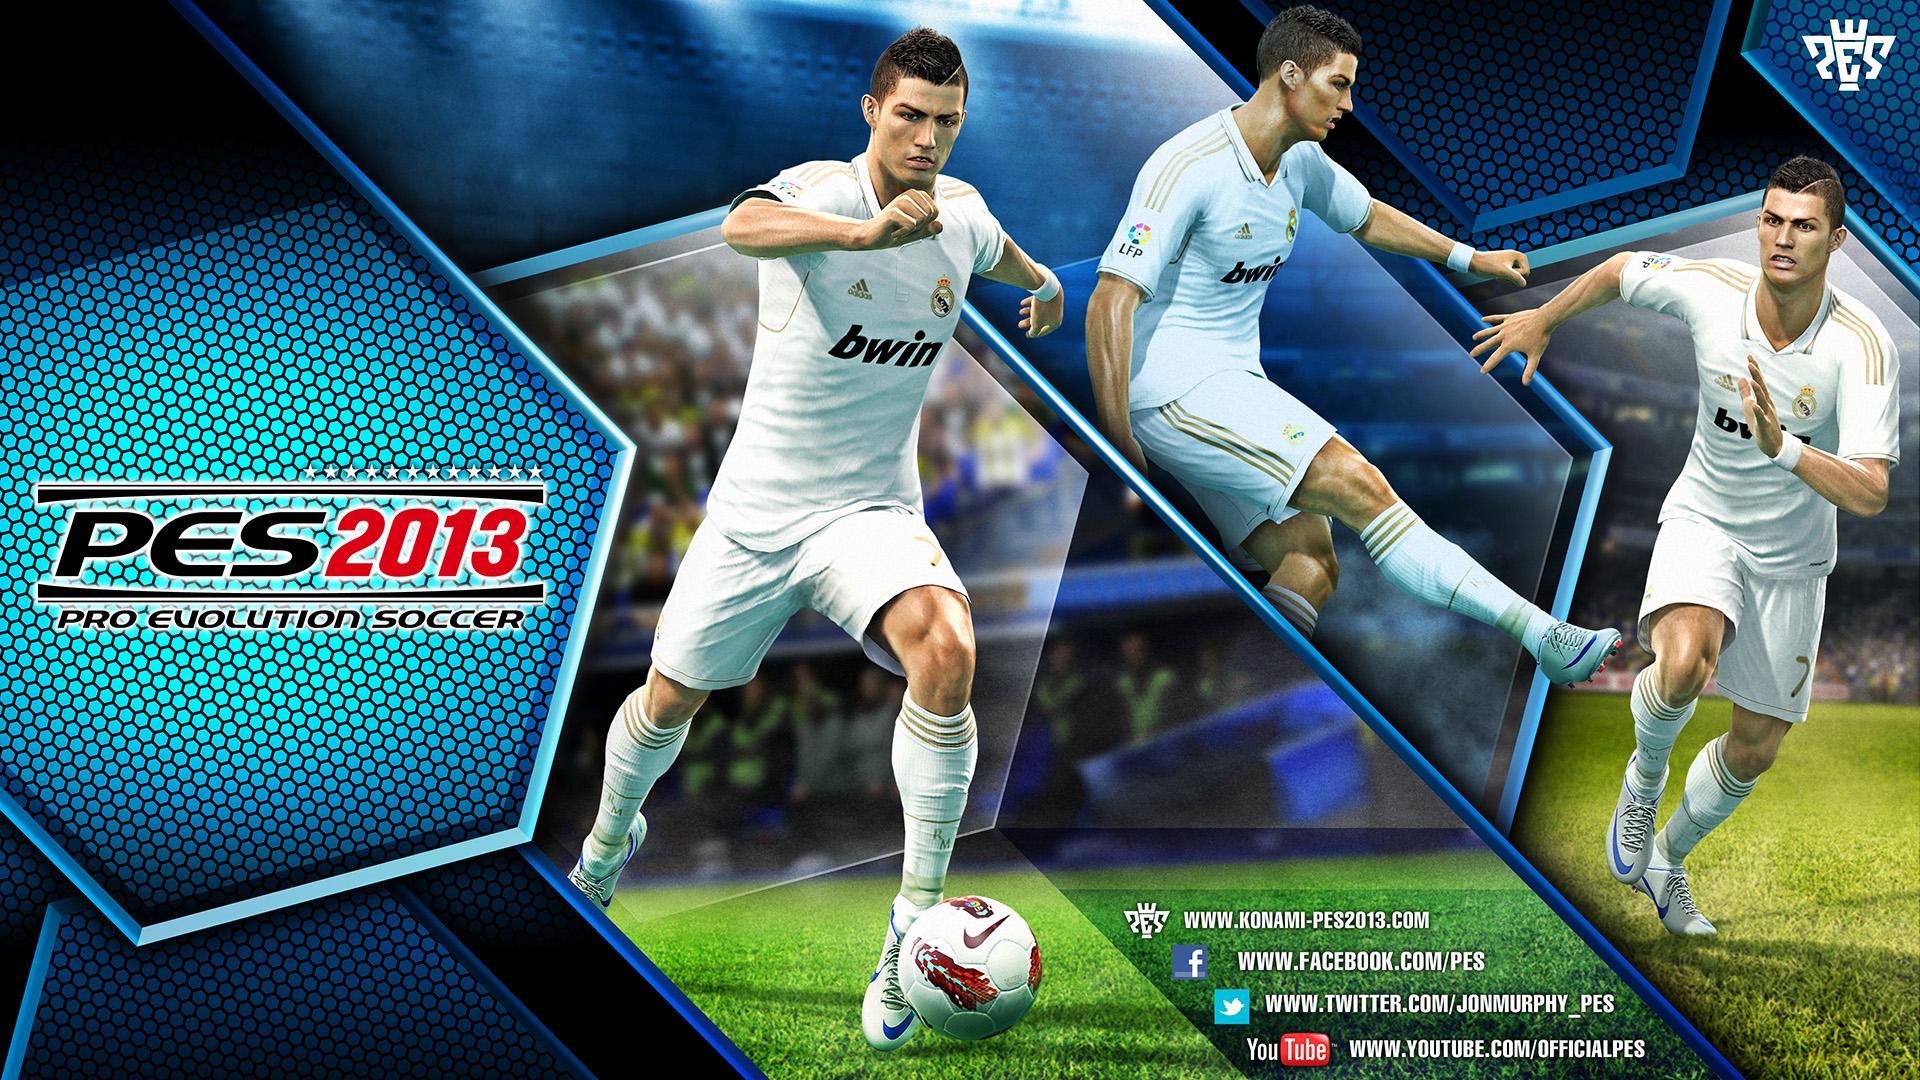 Cristiano Ronaldo será la estrella del Pro Evolution Soccer 2013. Foto: Konami.com